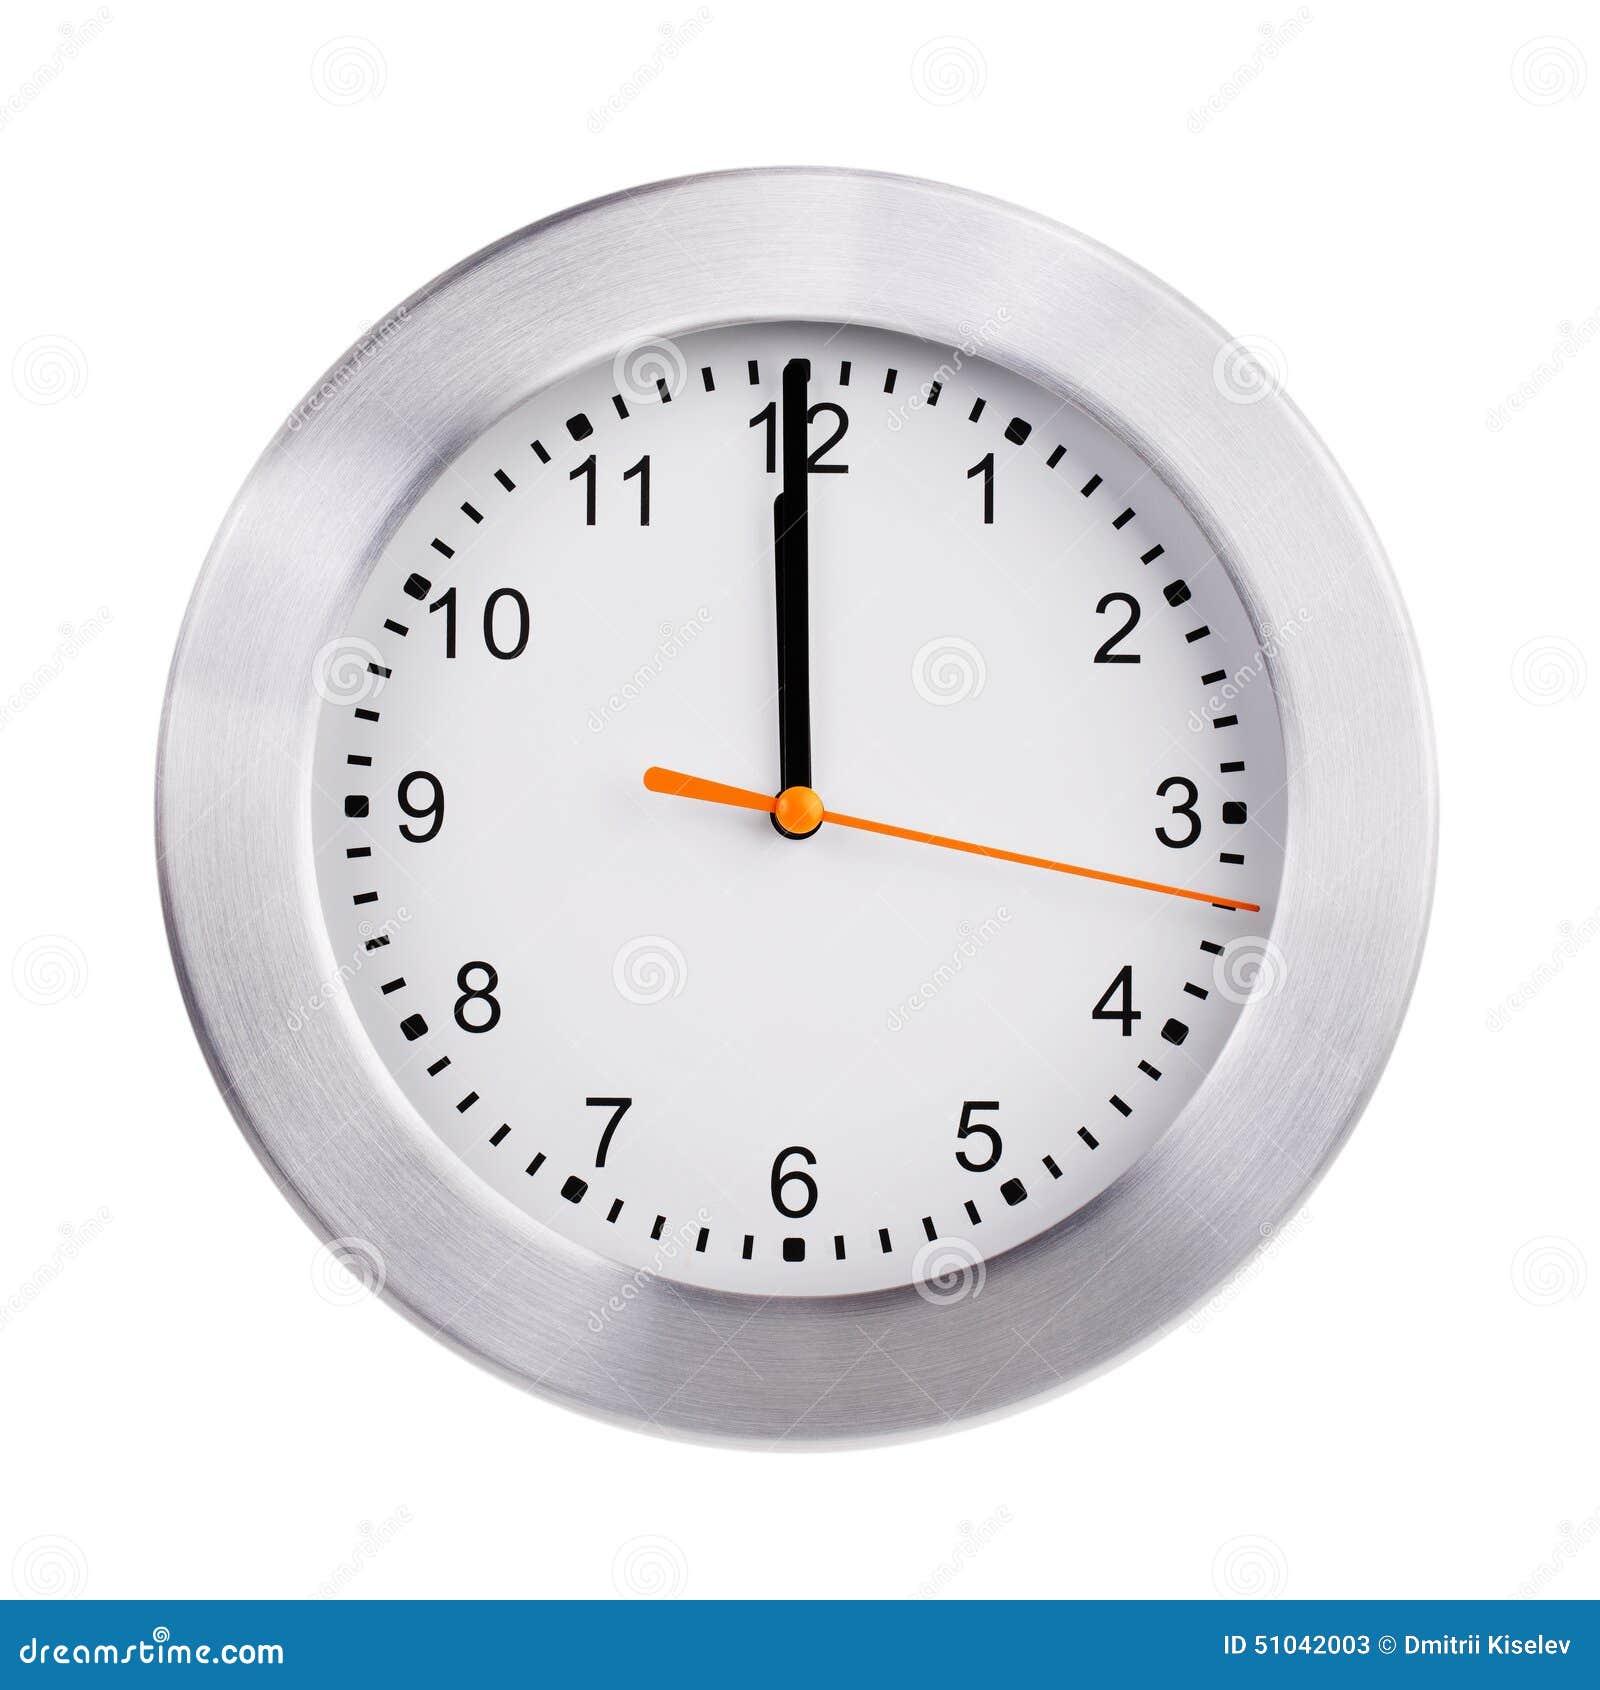 Полдень на шкале круглых часов